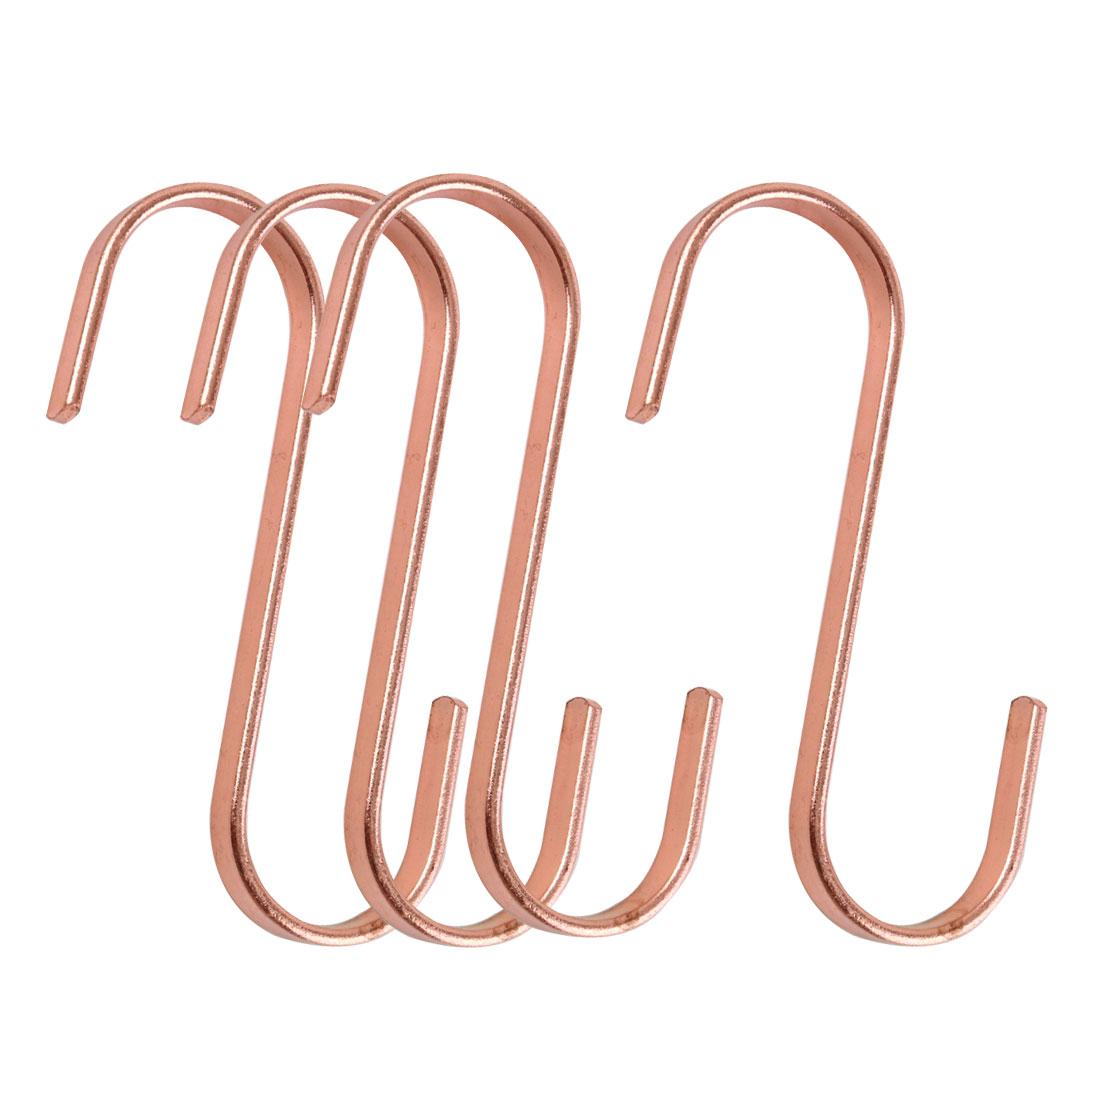 4 Pcs S Hook Rack Stainless Steel for Utensils Coat Towel Holder Rose Gold